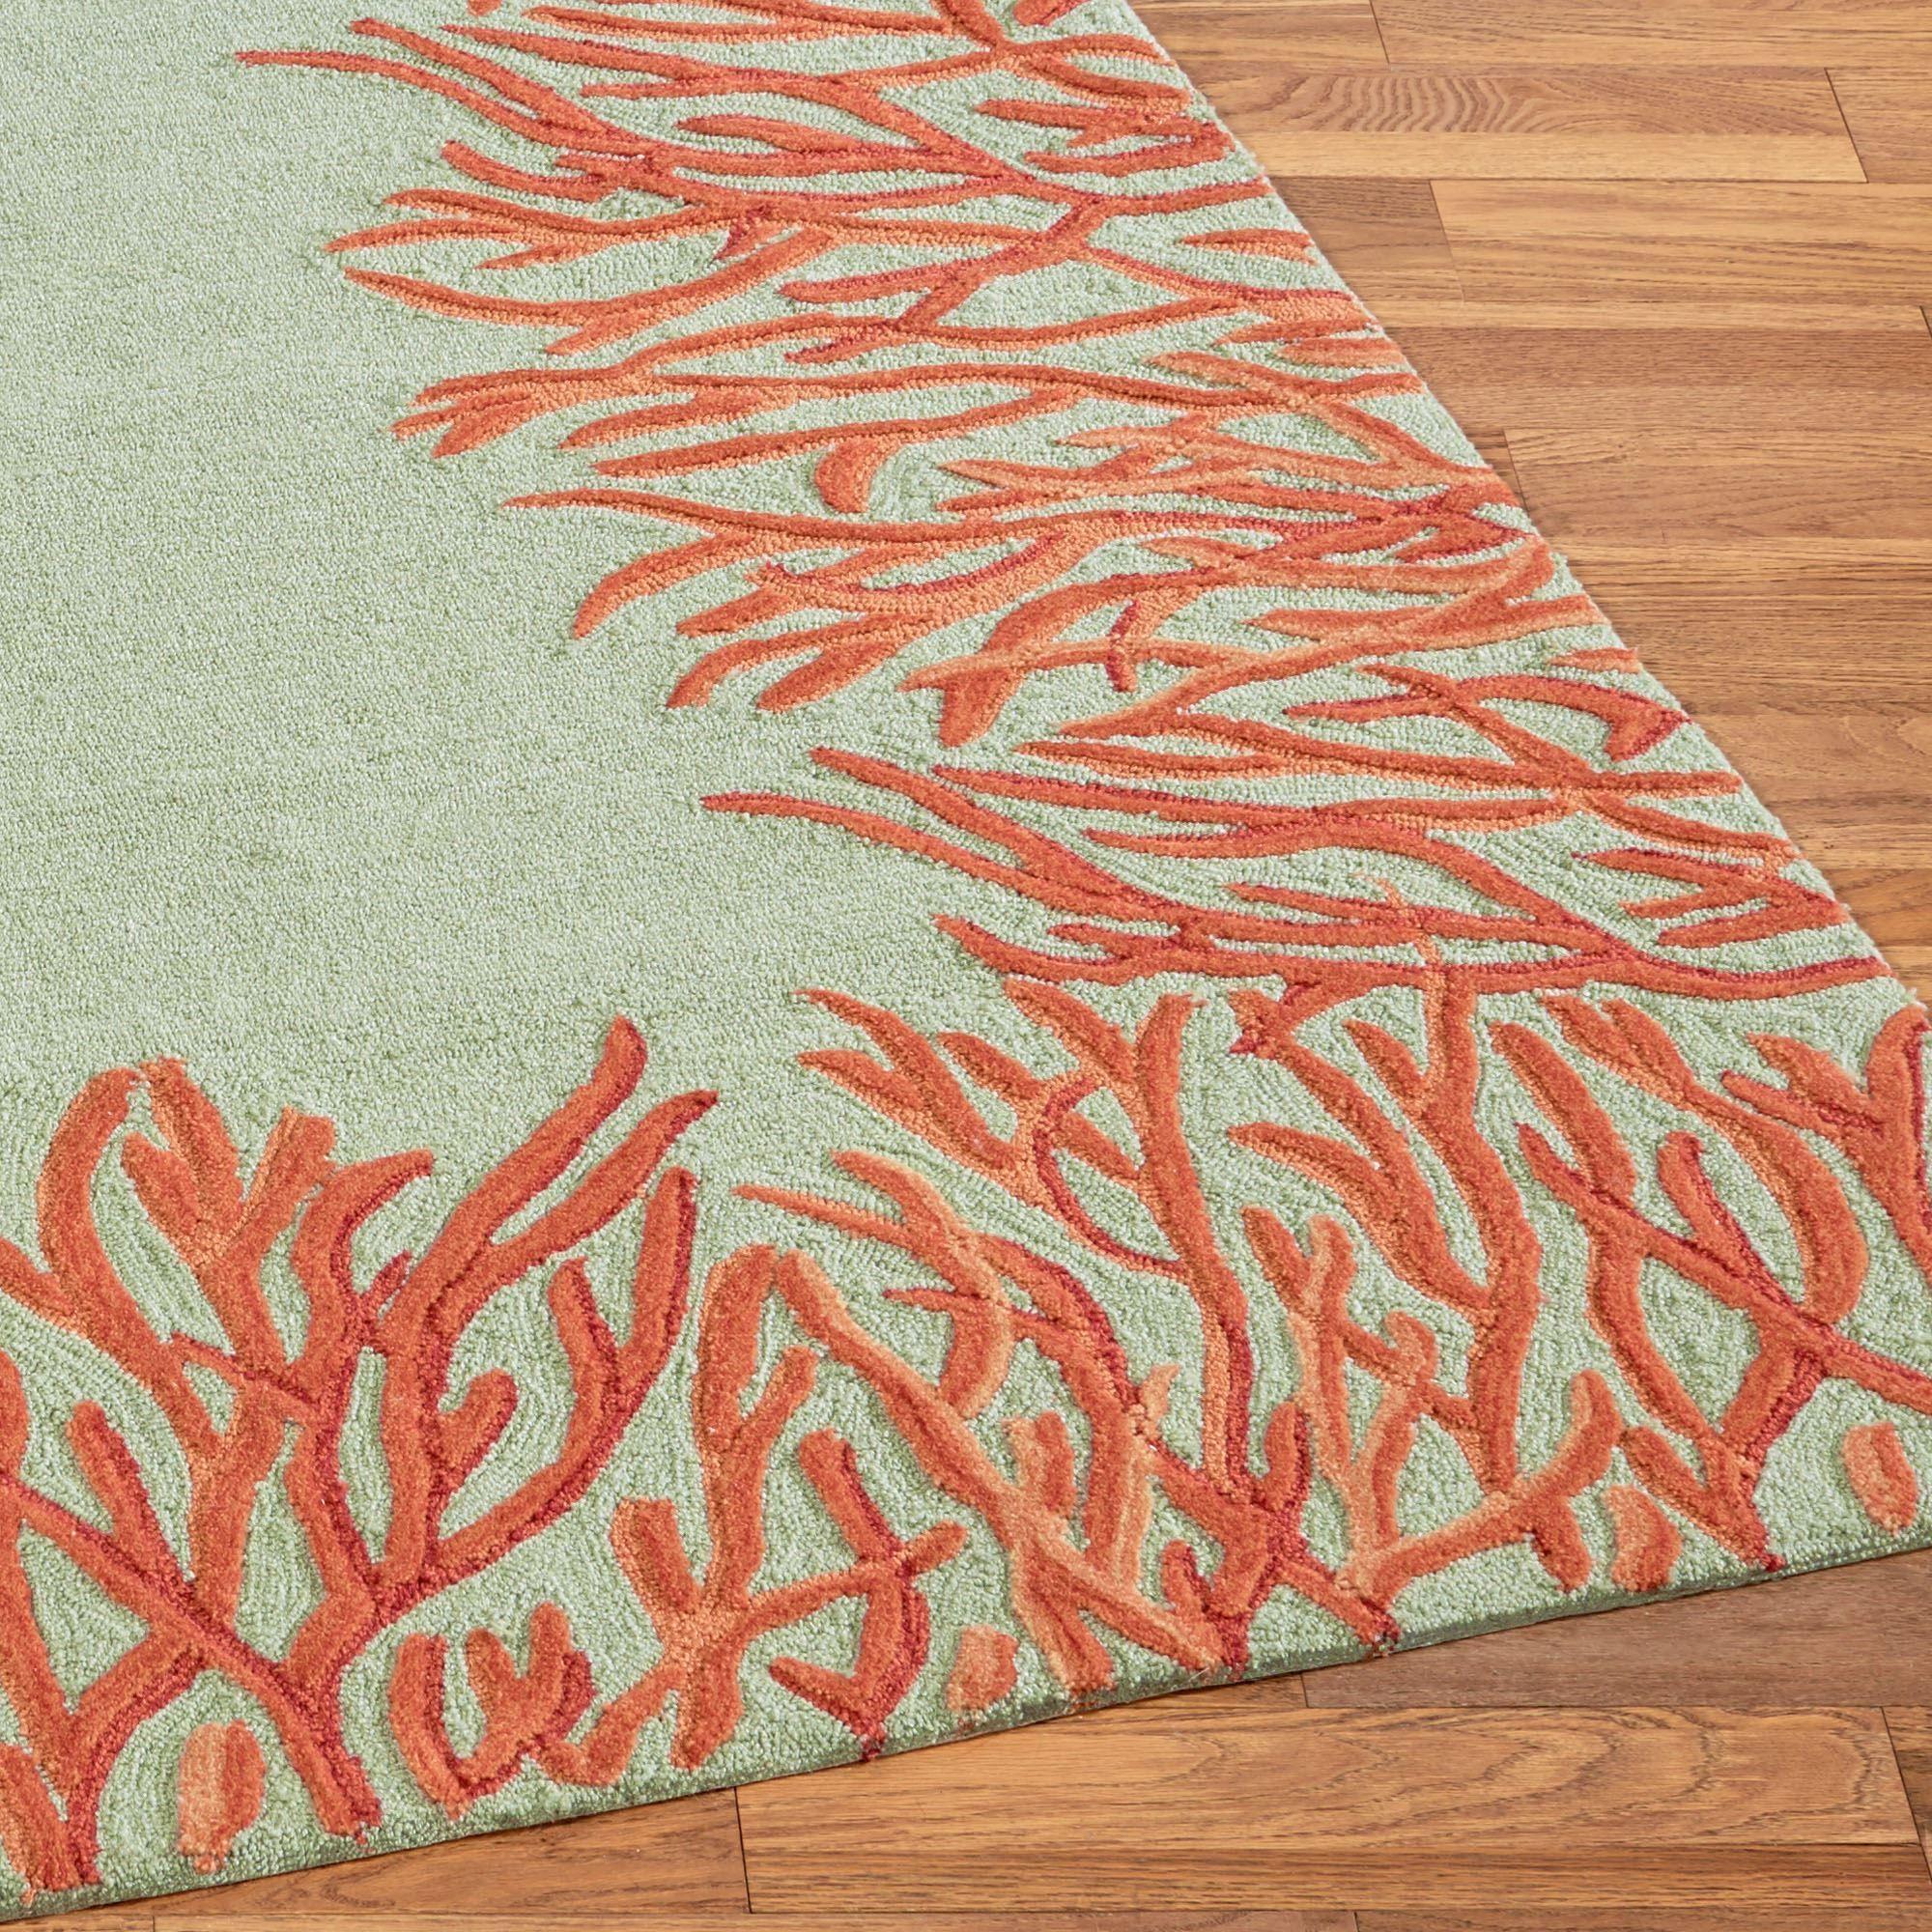 Orange Coral Reef Indoor Outdoor Area Rugs